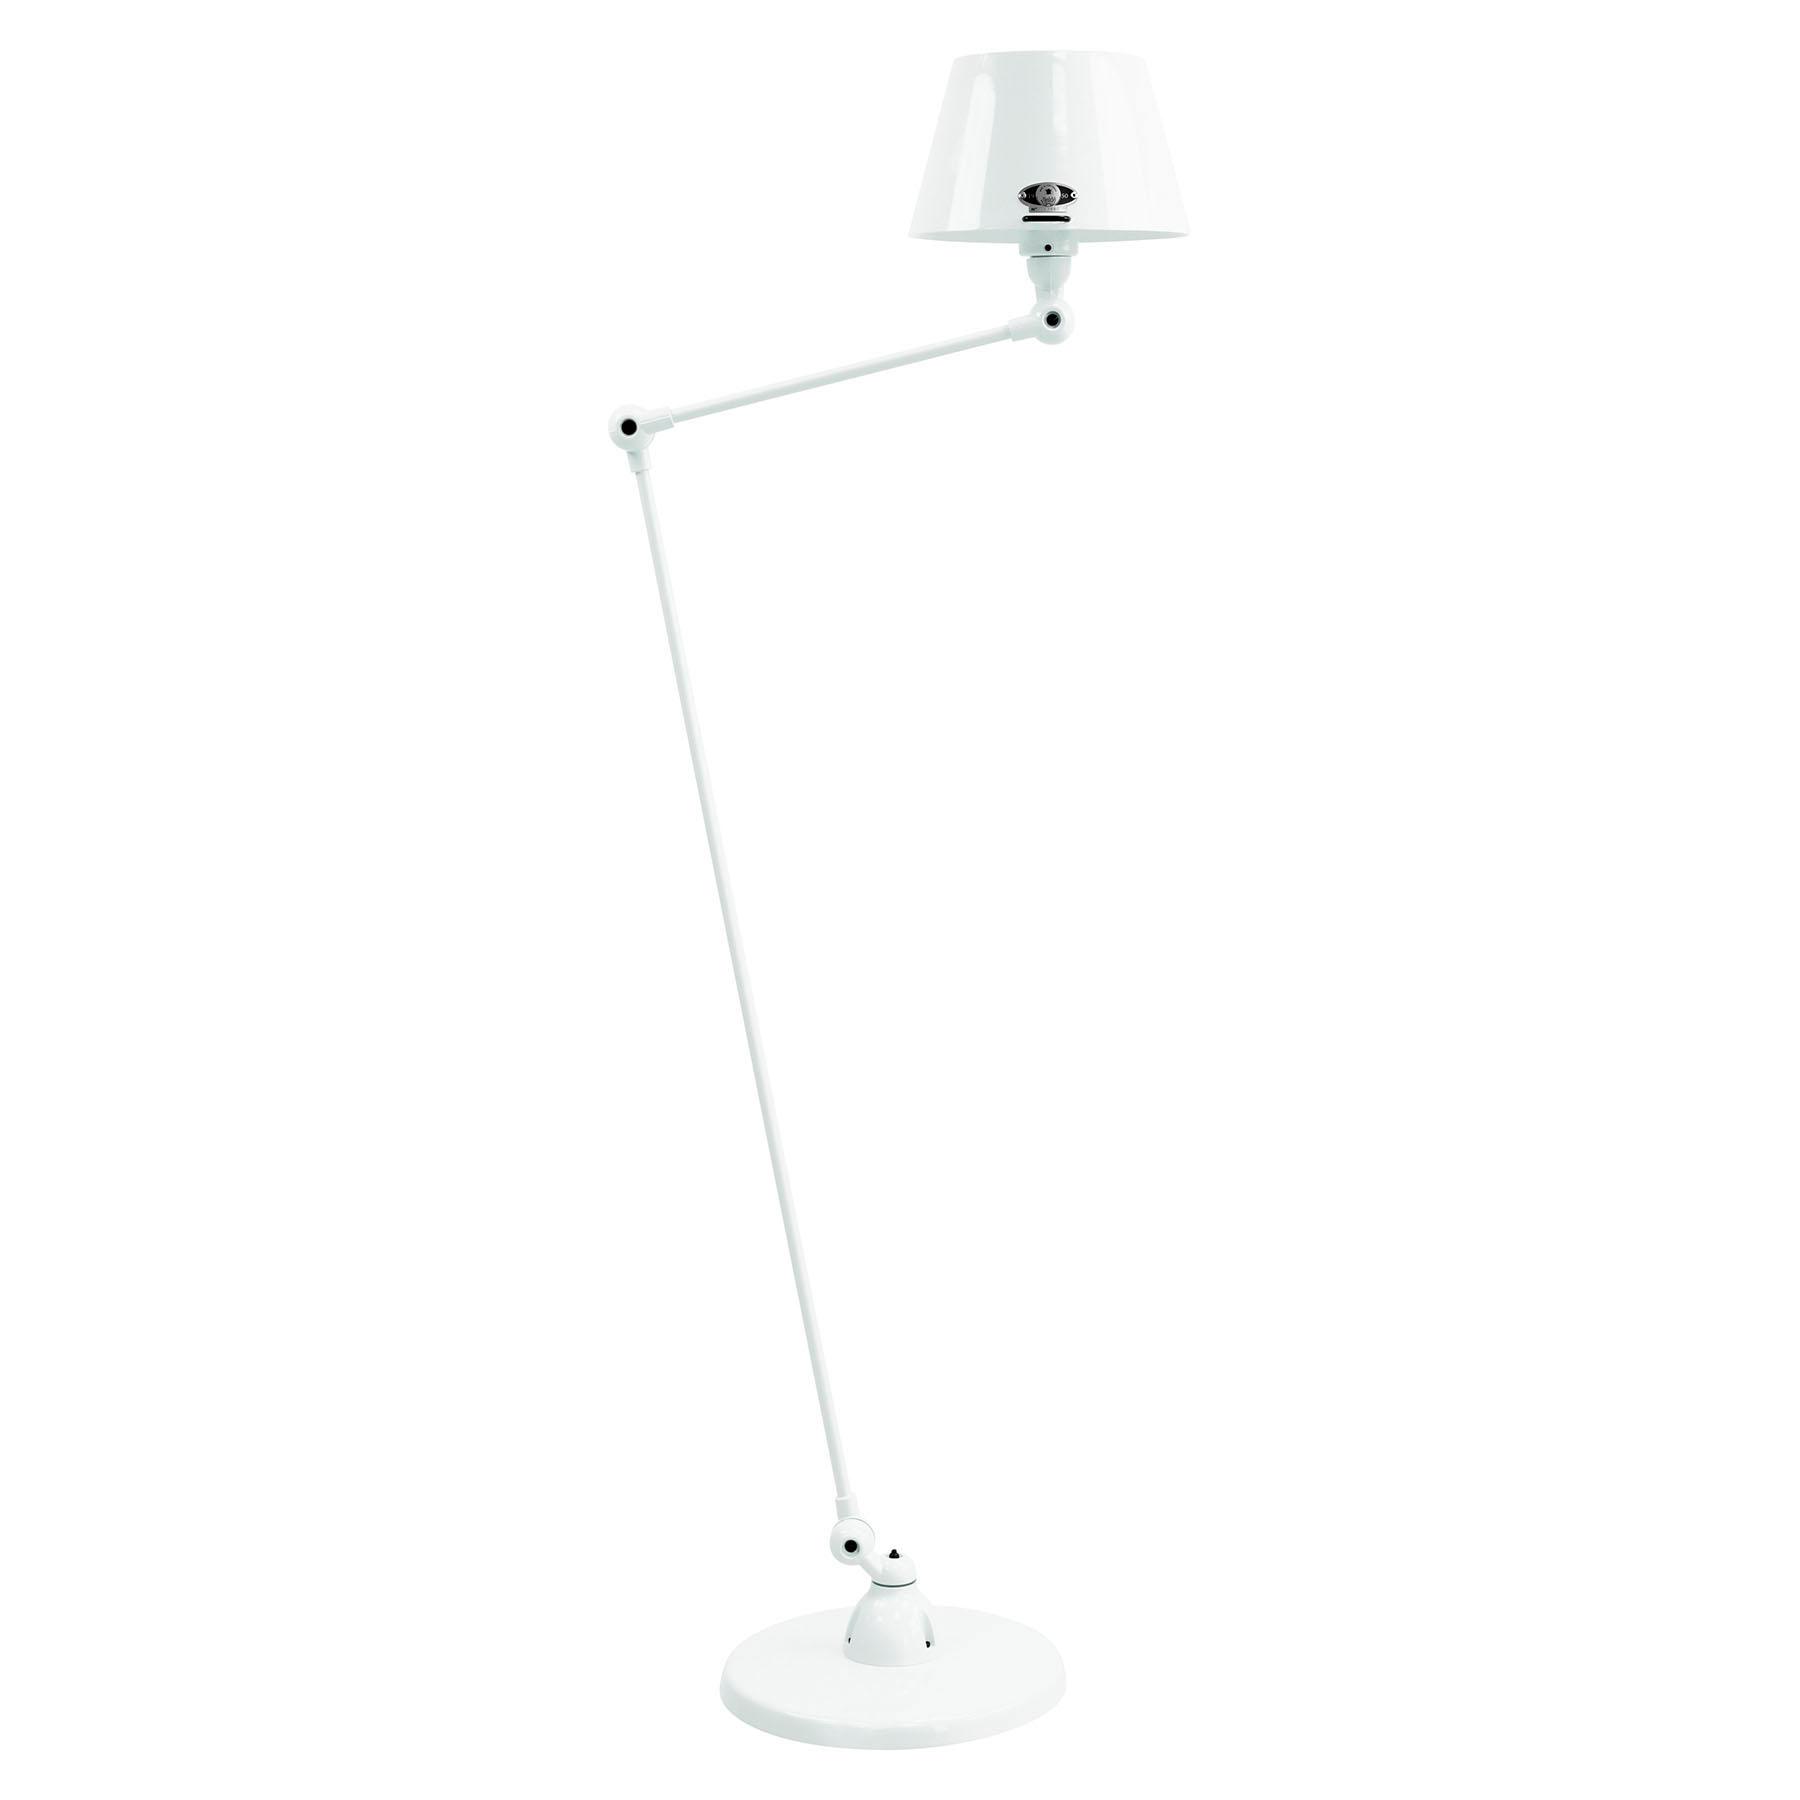 Jieldé Aicler AID833 80+30cm lampadaire, blanc